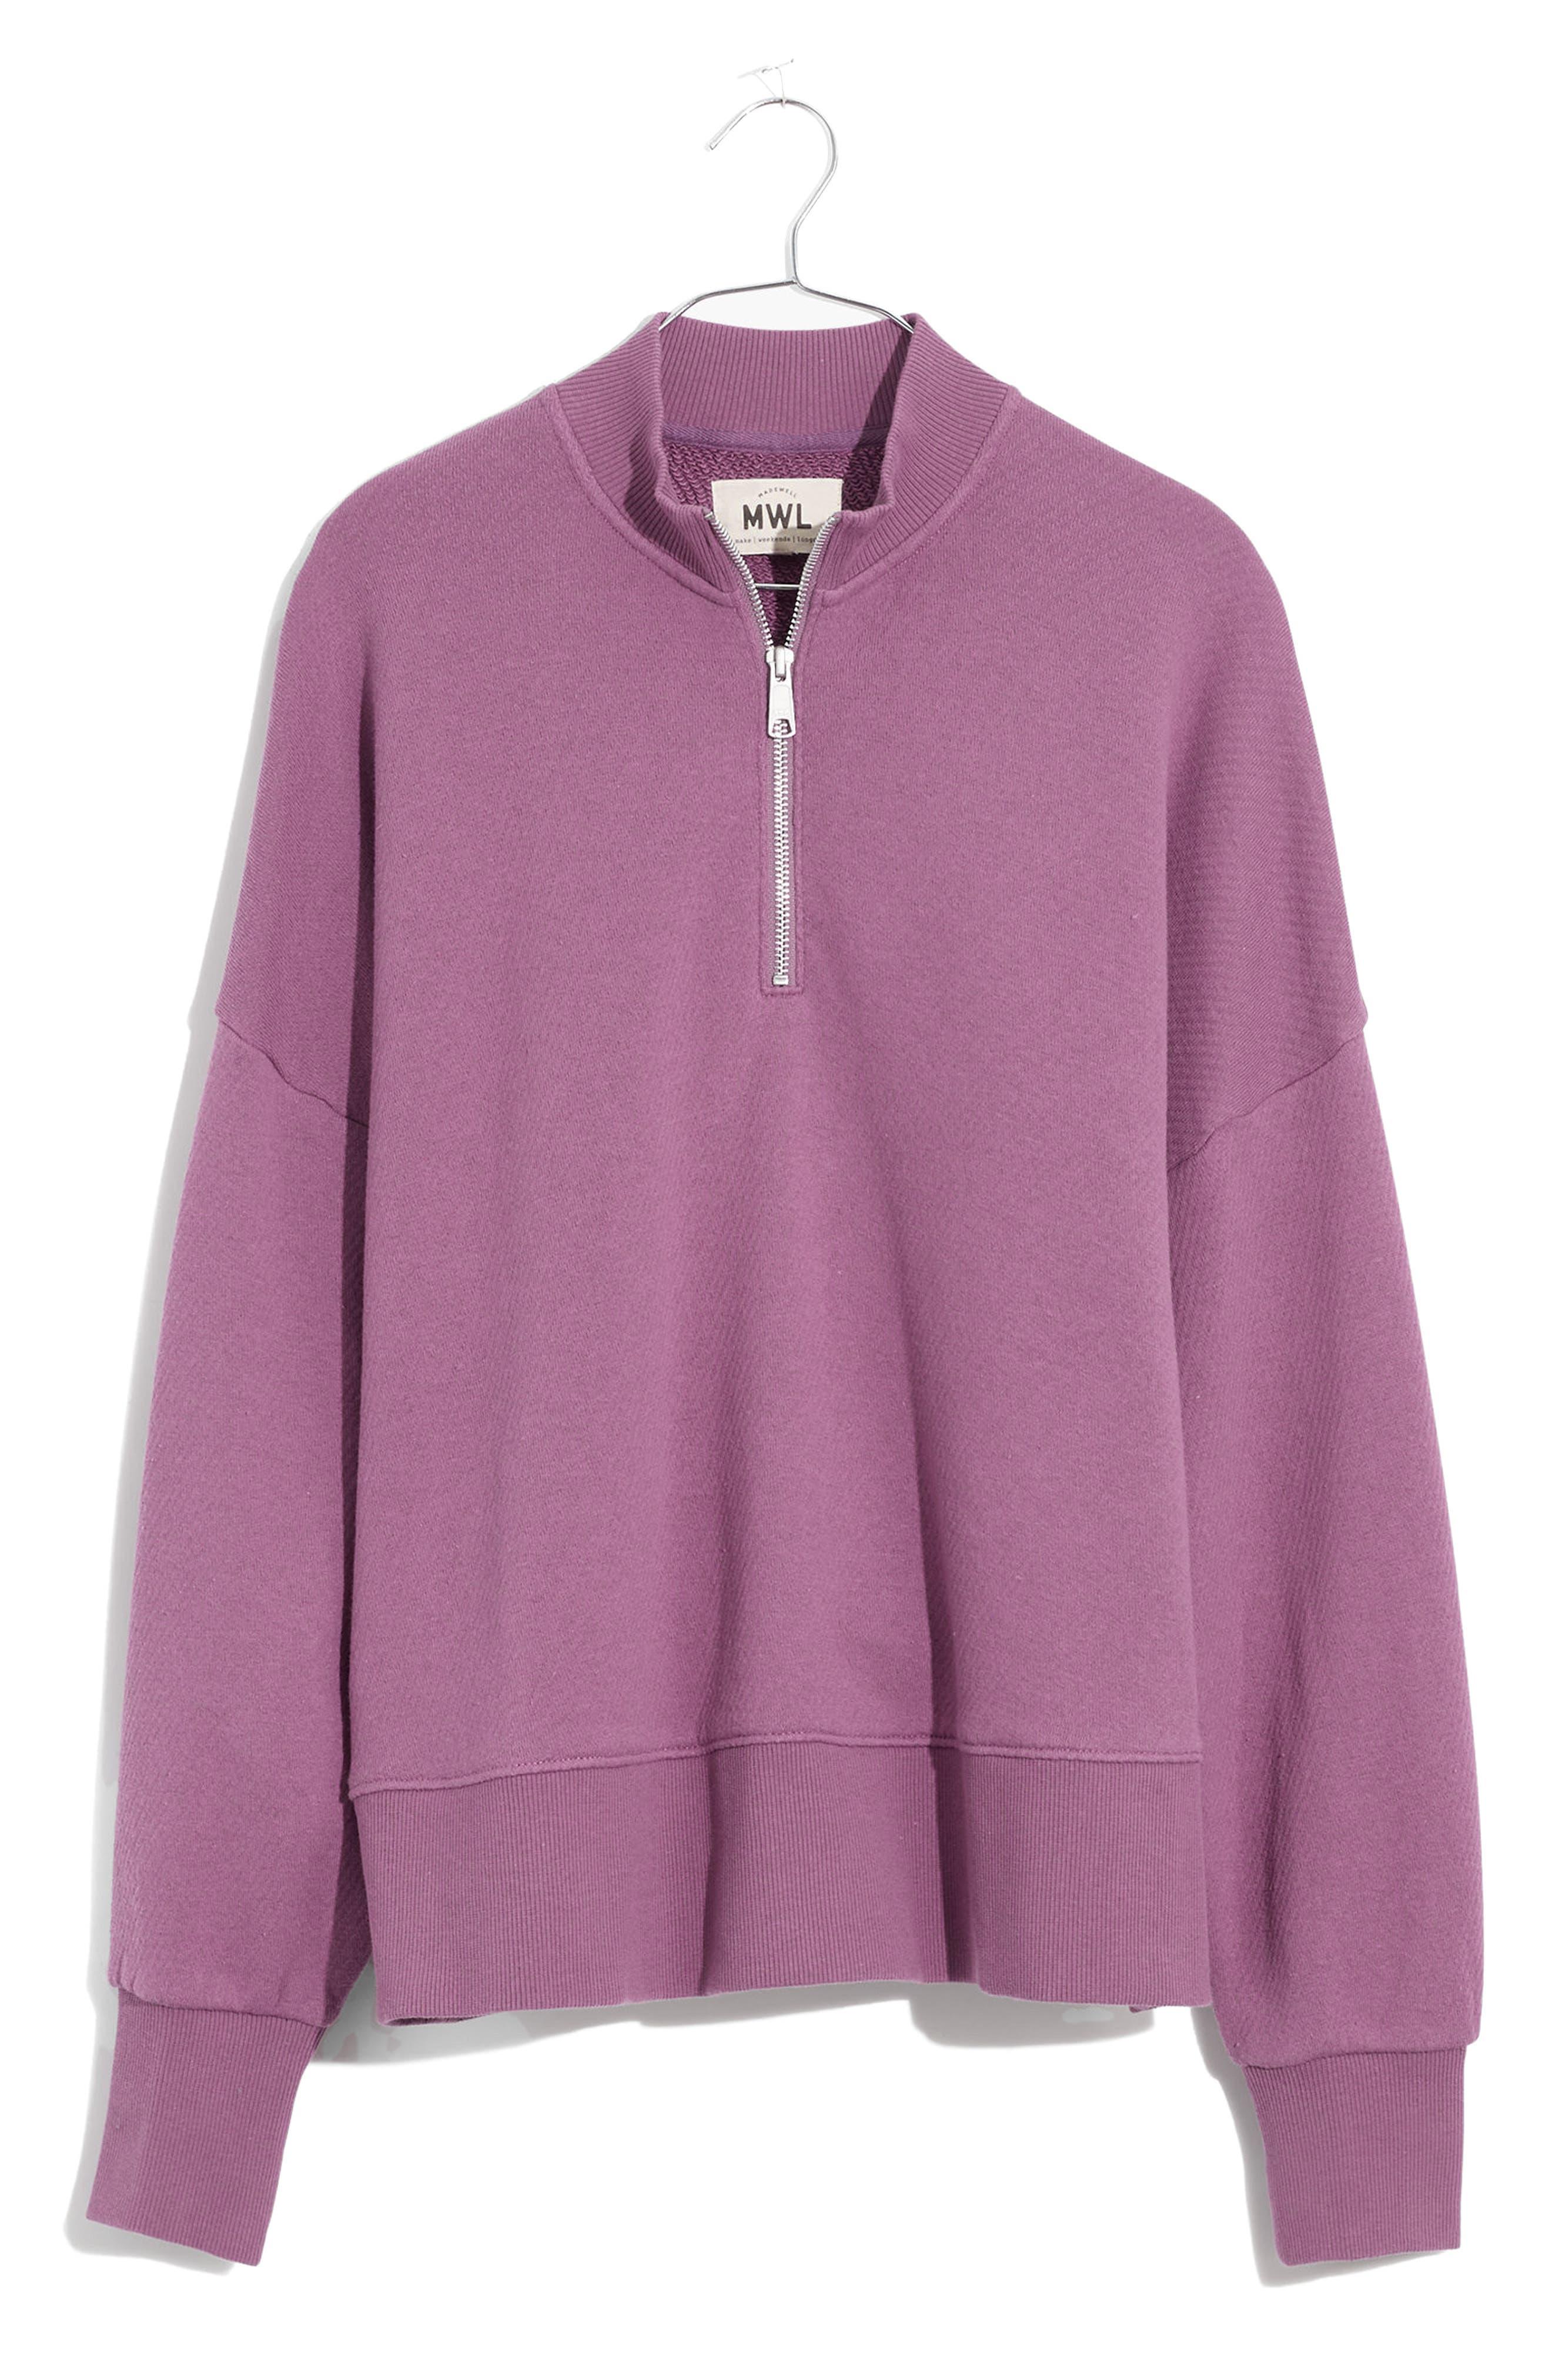 Airyterry Half-Zip Tunic Sweatshirt